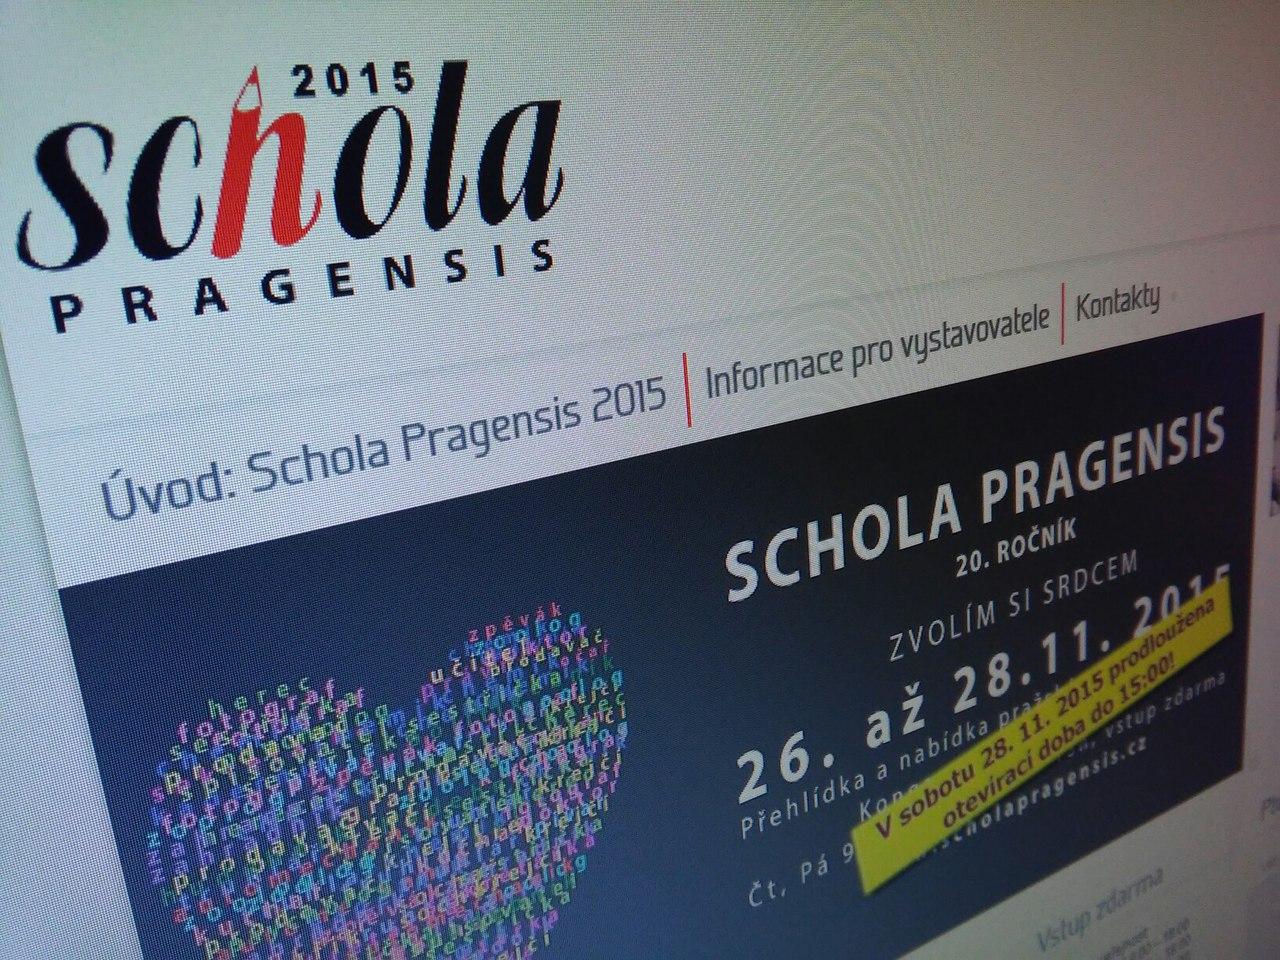 Средние школы, гимназии, училища Чехии (Праги)